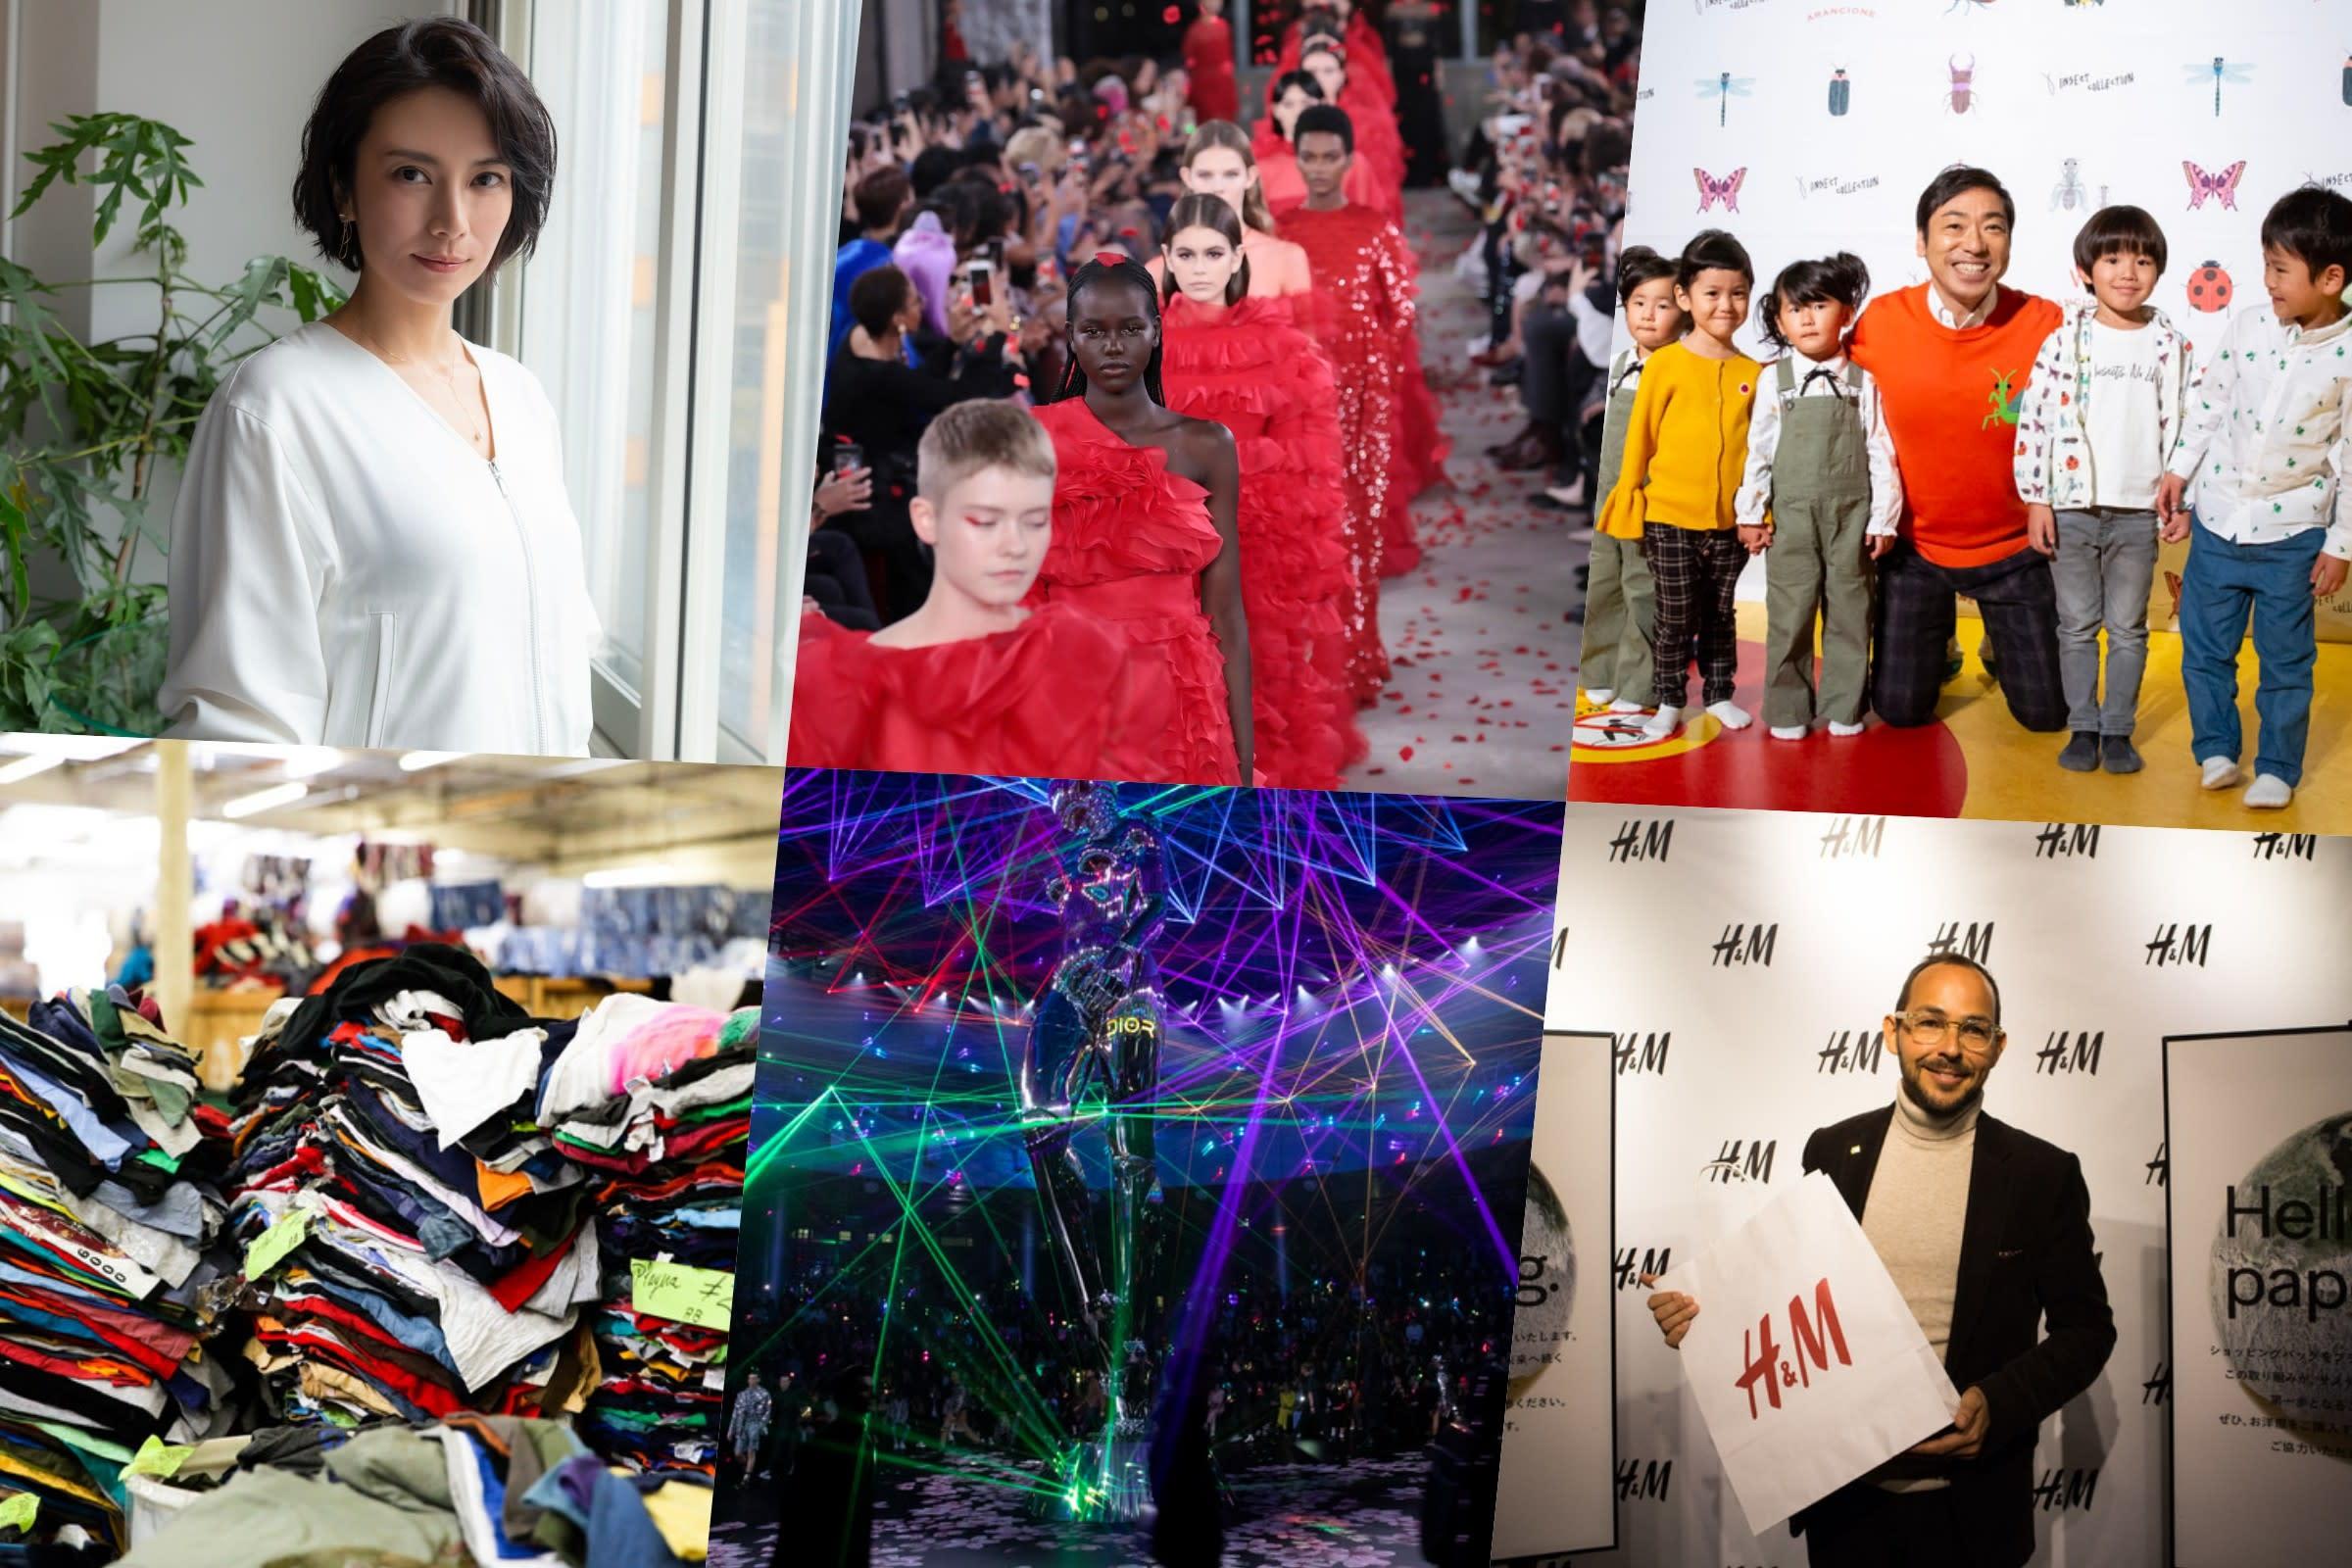 2018年下半期は何が起きた?ファッション業界の主要ニュース